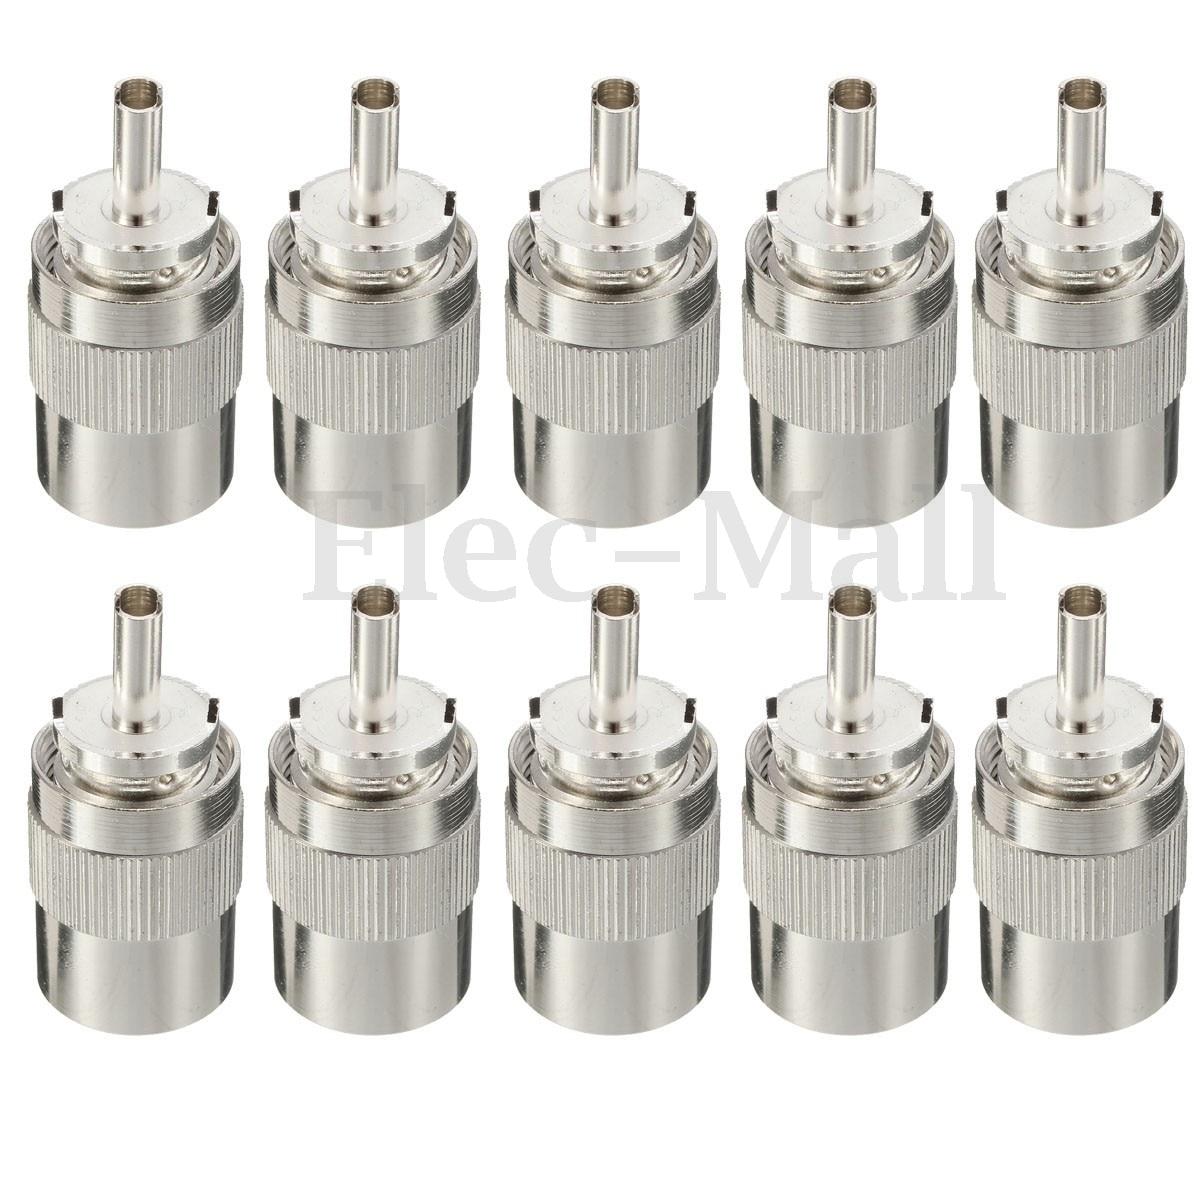 10 pcs Conector UHF macho PL259 plug solda RG8 RG213 LMR400 7D-FB cabo de prata